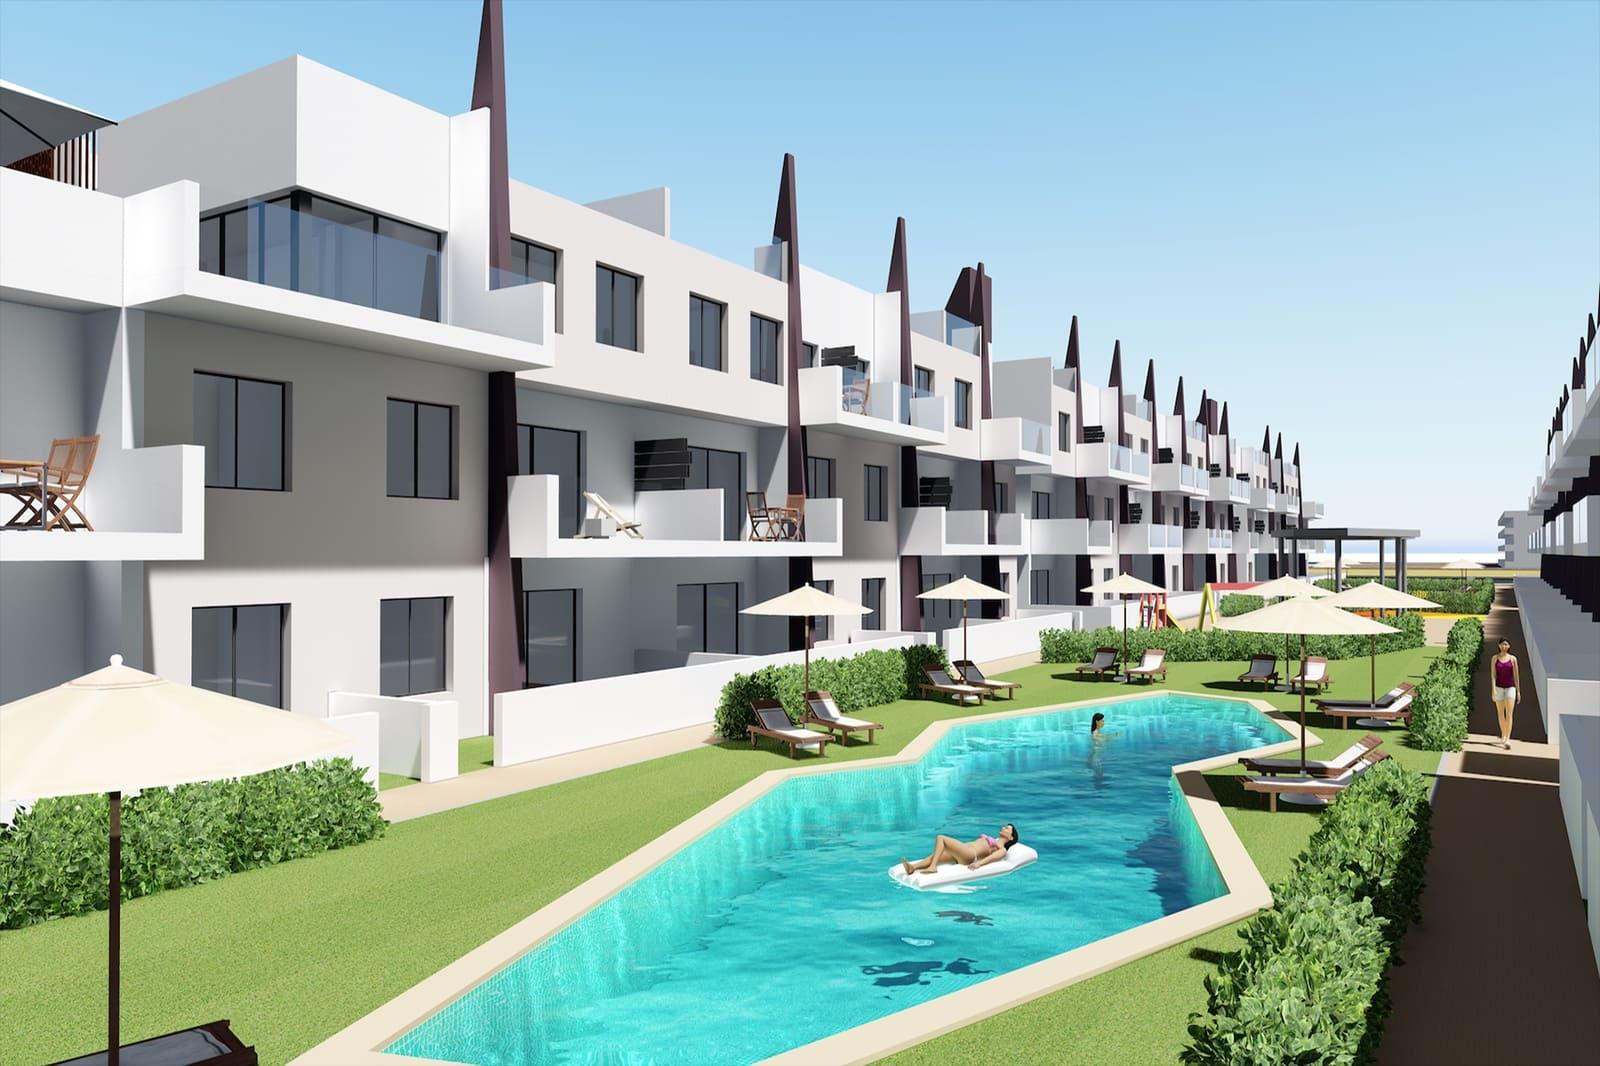 Apartamento de 3 habitaciones en Pilar de la Horadada en venta con piscina - 249.900 € (Ref: 4448370)